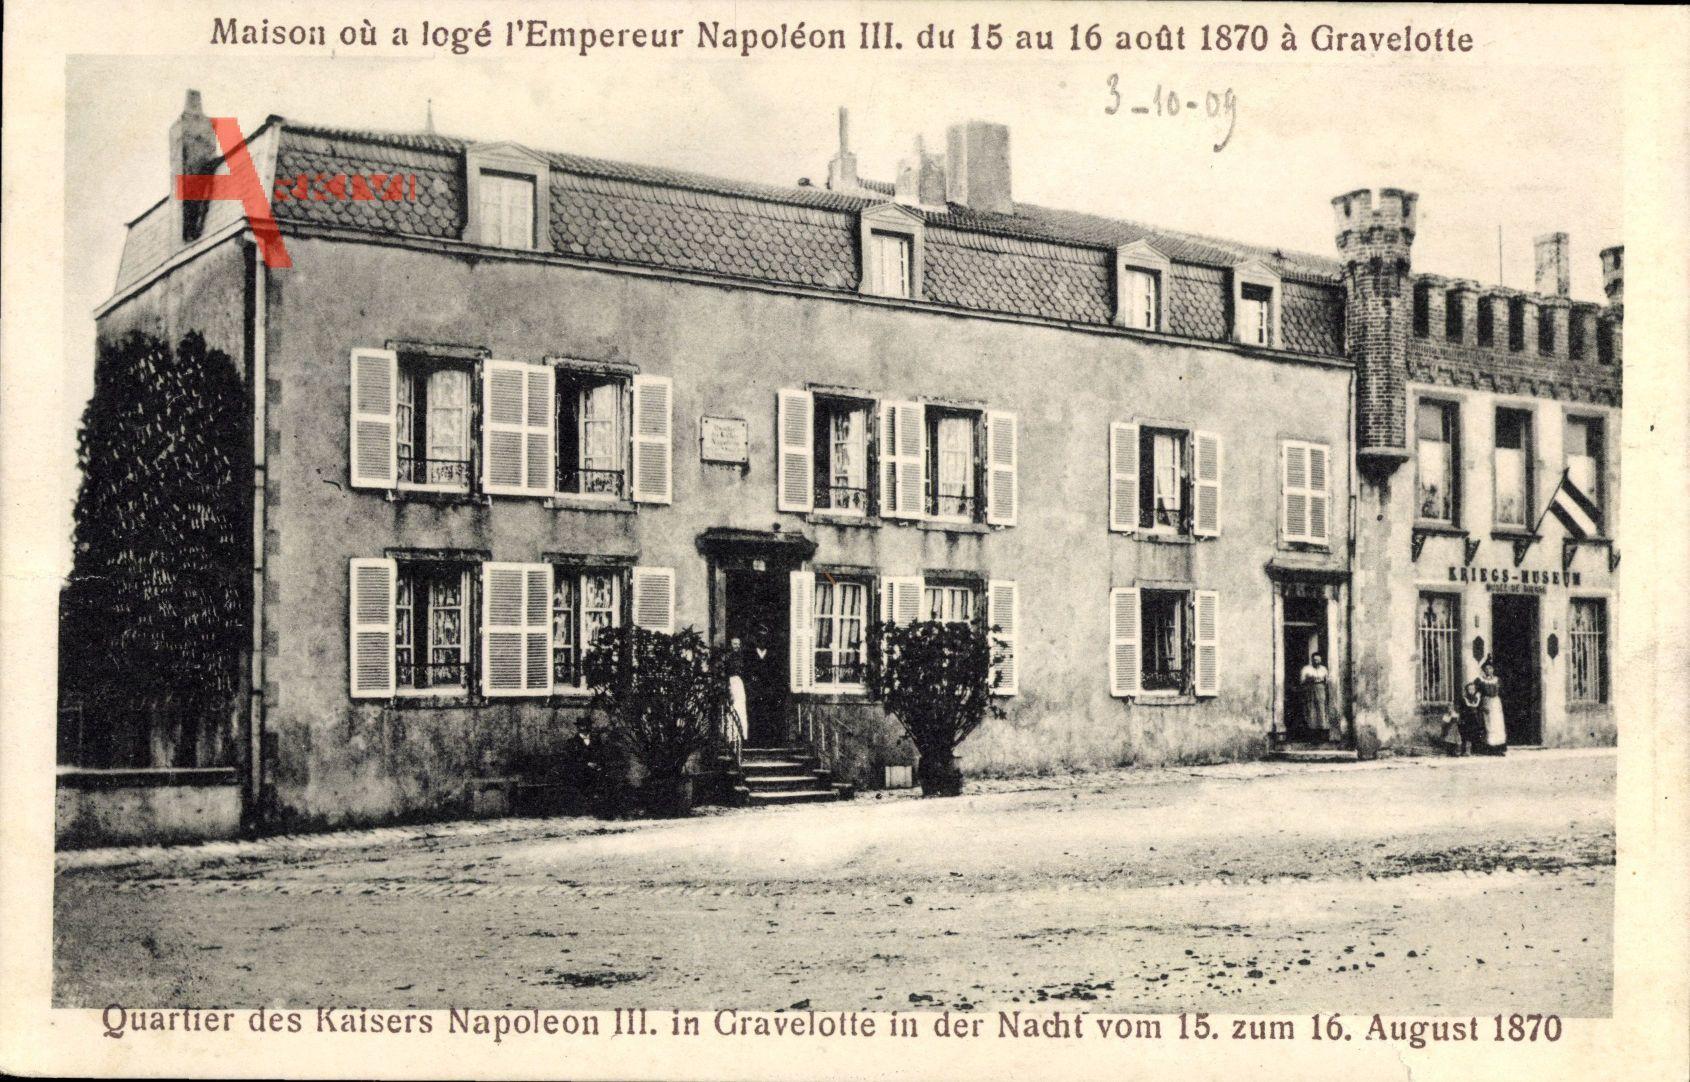 Gravelotte Moselle, Quartier von Kaiser Napoleon III vom 15. zum 16. 8. 1870